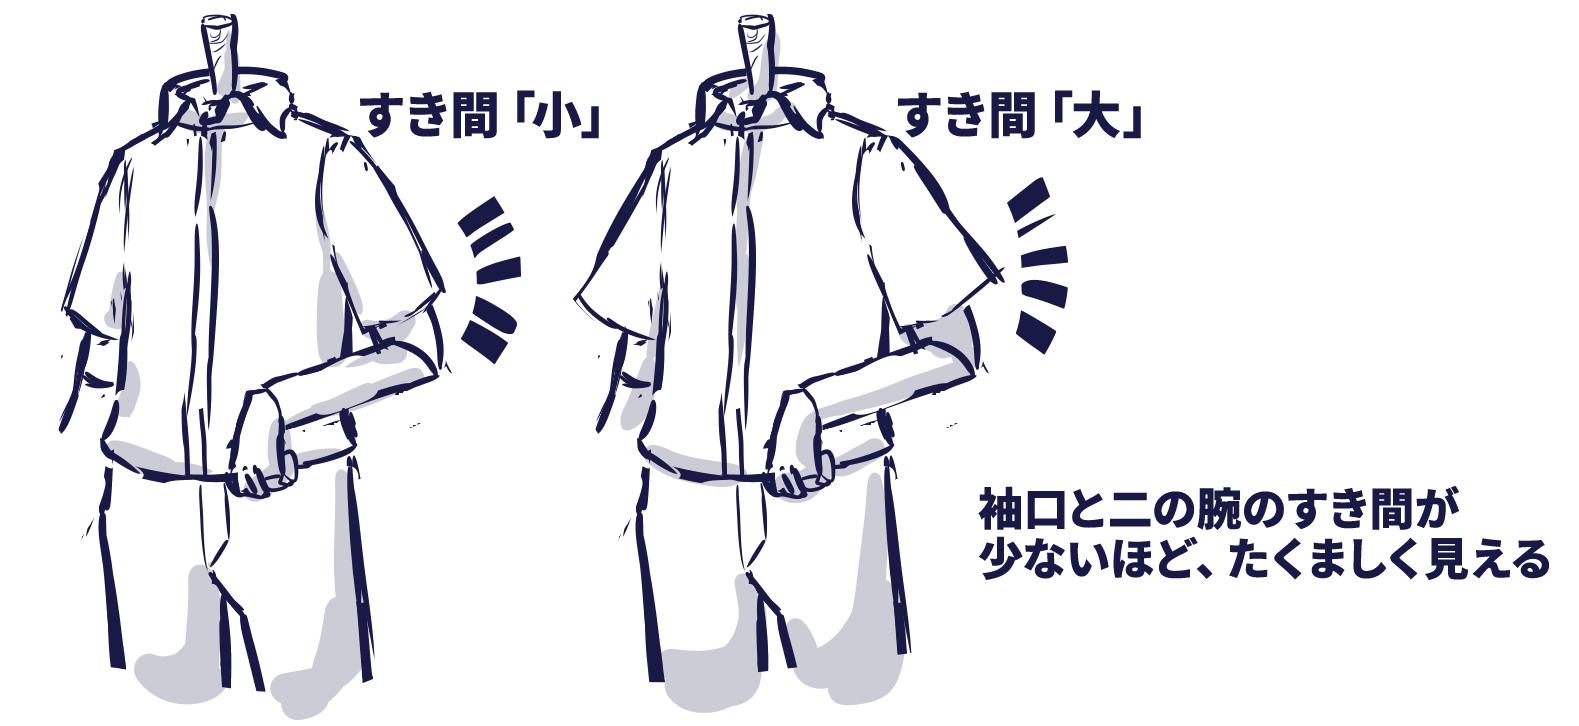 半袖シャツの袖周りと二の腕周りに差があるほど、腕が細く(この場合はヒョロヒョロなネガティブポイントとして)見えてしまいます。子供っぽくなってしまうということも覚えておきましょう。